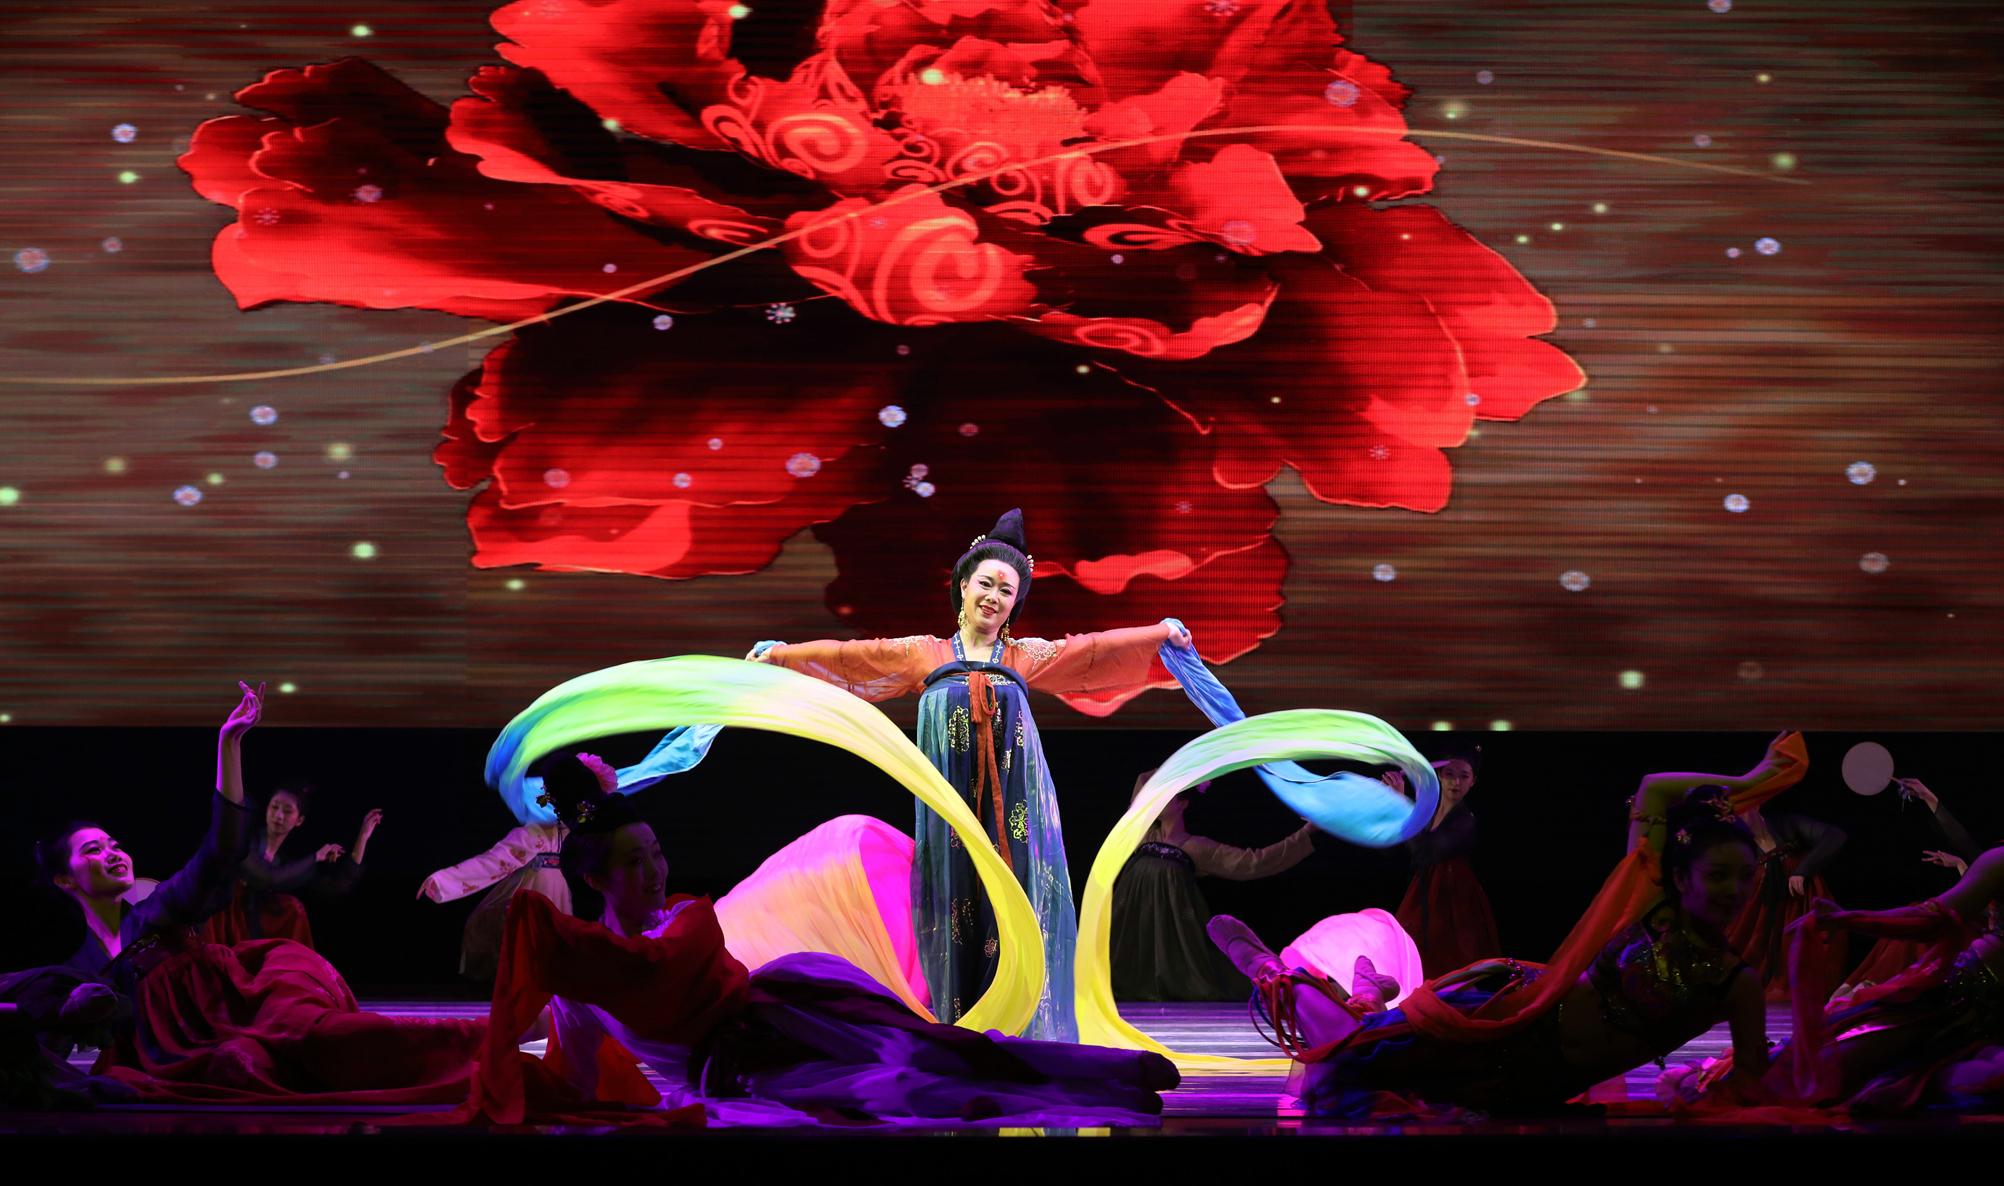 原創舞蹈「和舞」展現唐代舞蹈的藝術意韻和情感體驗。(受訪者供圖)